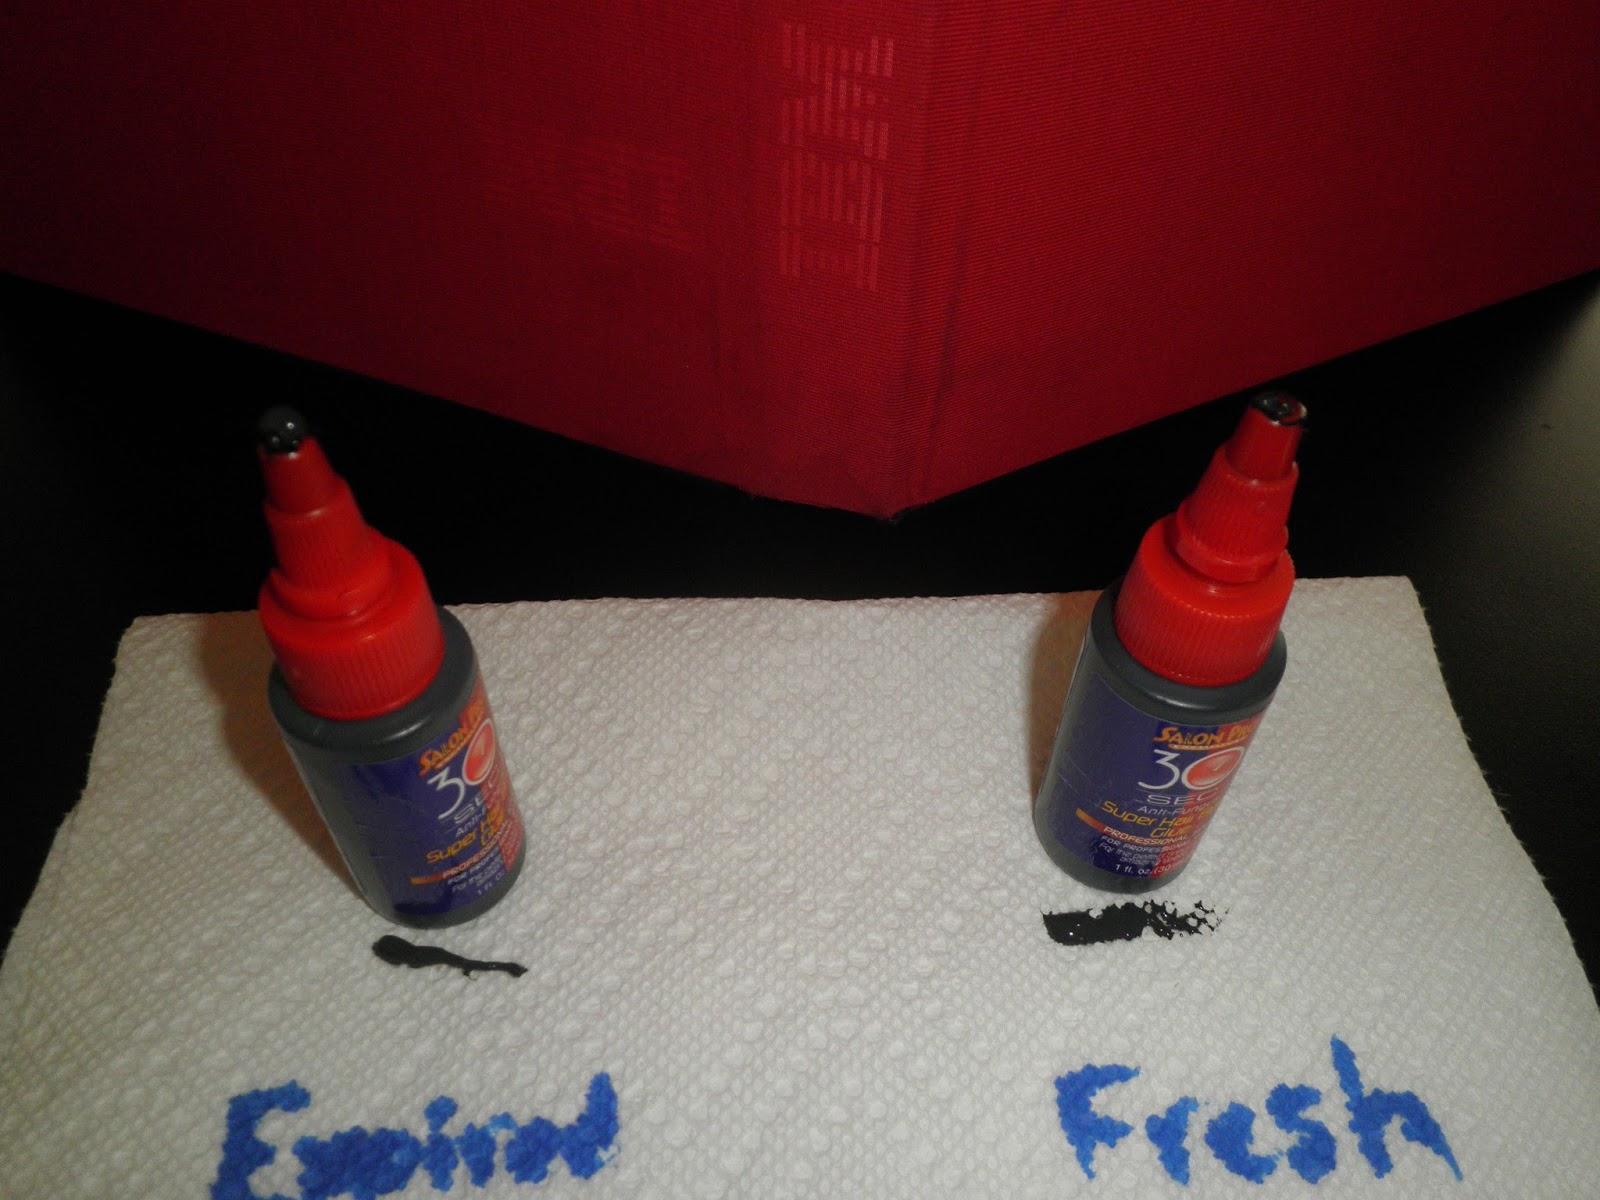 PhenomenalhairCare Identifying Expired Bonding Glue